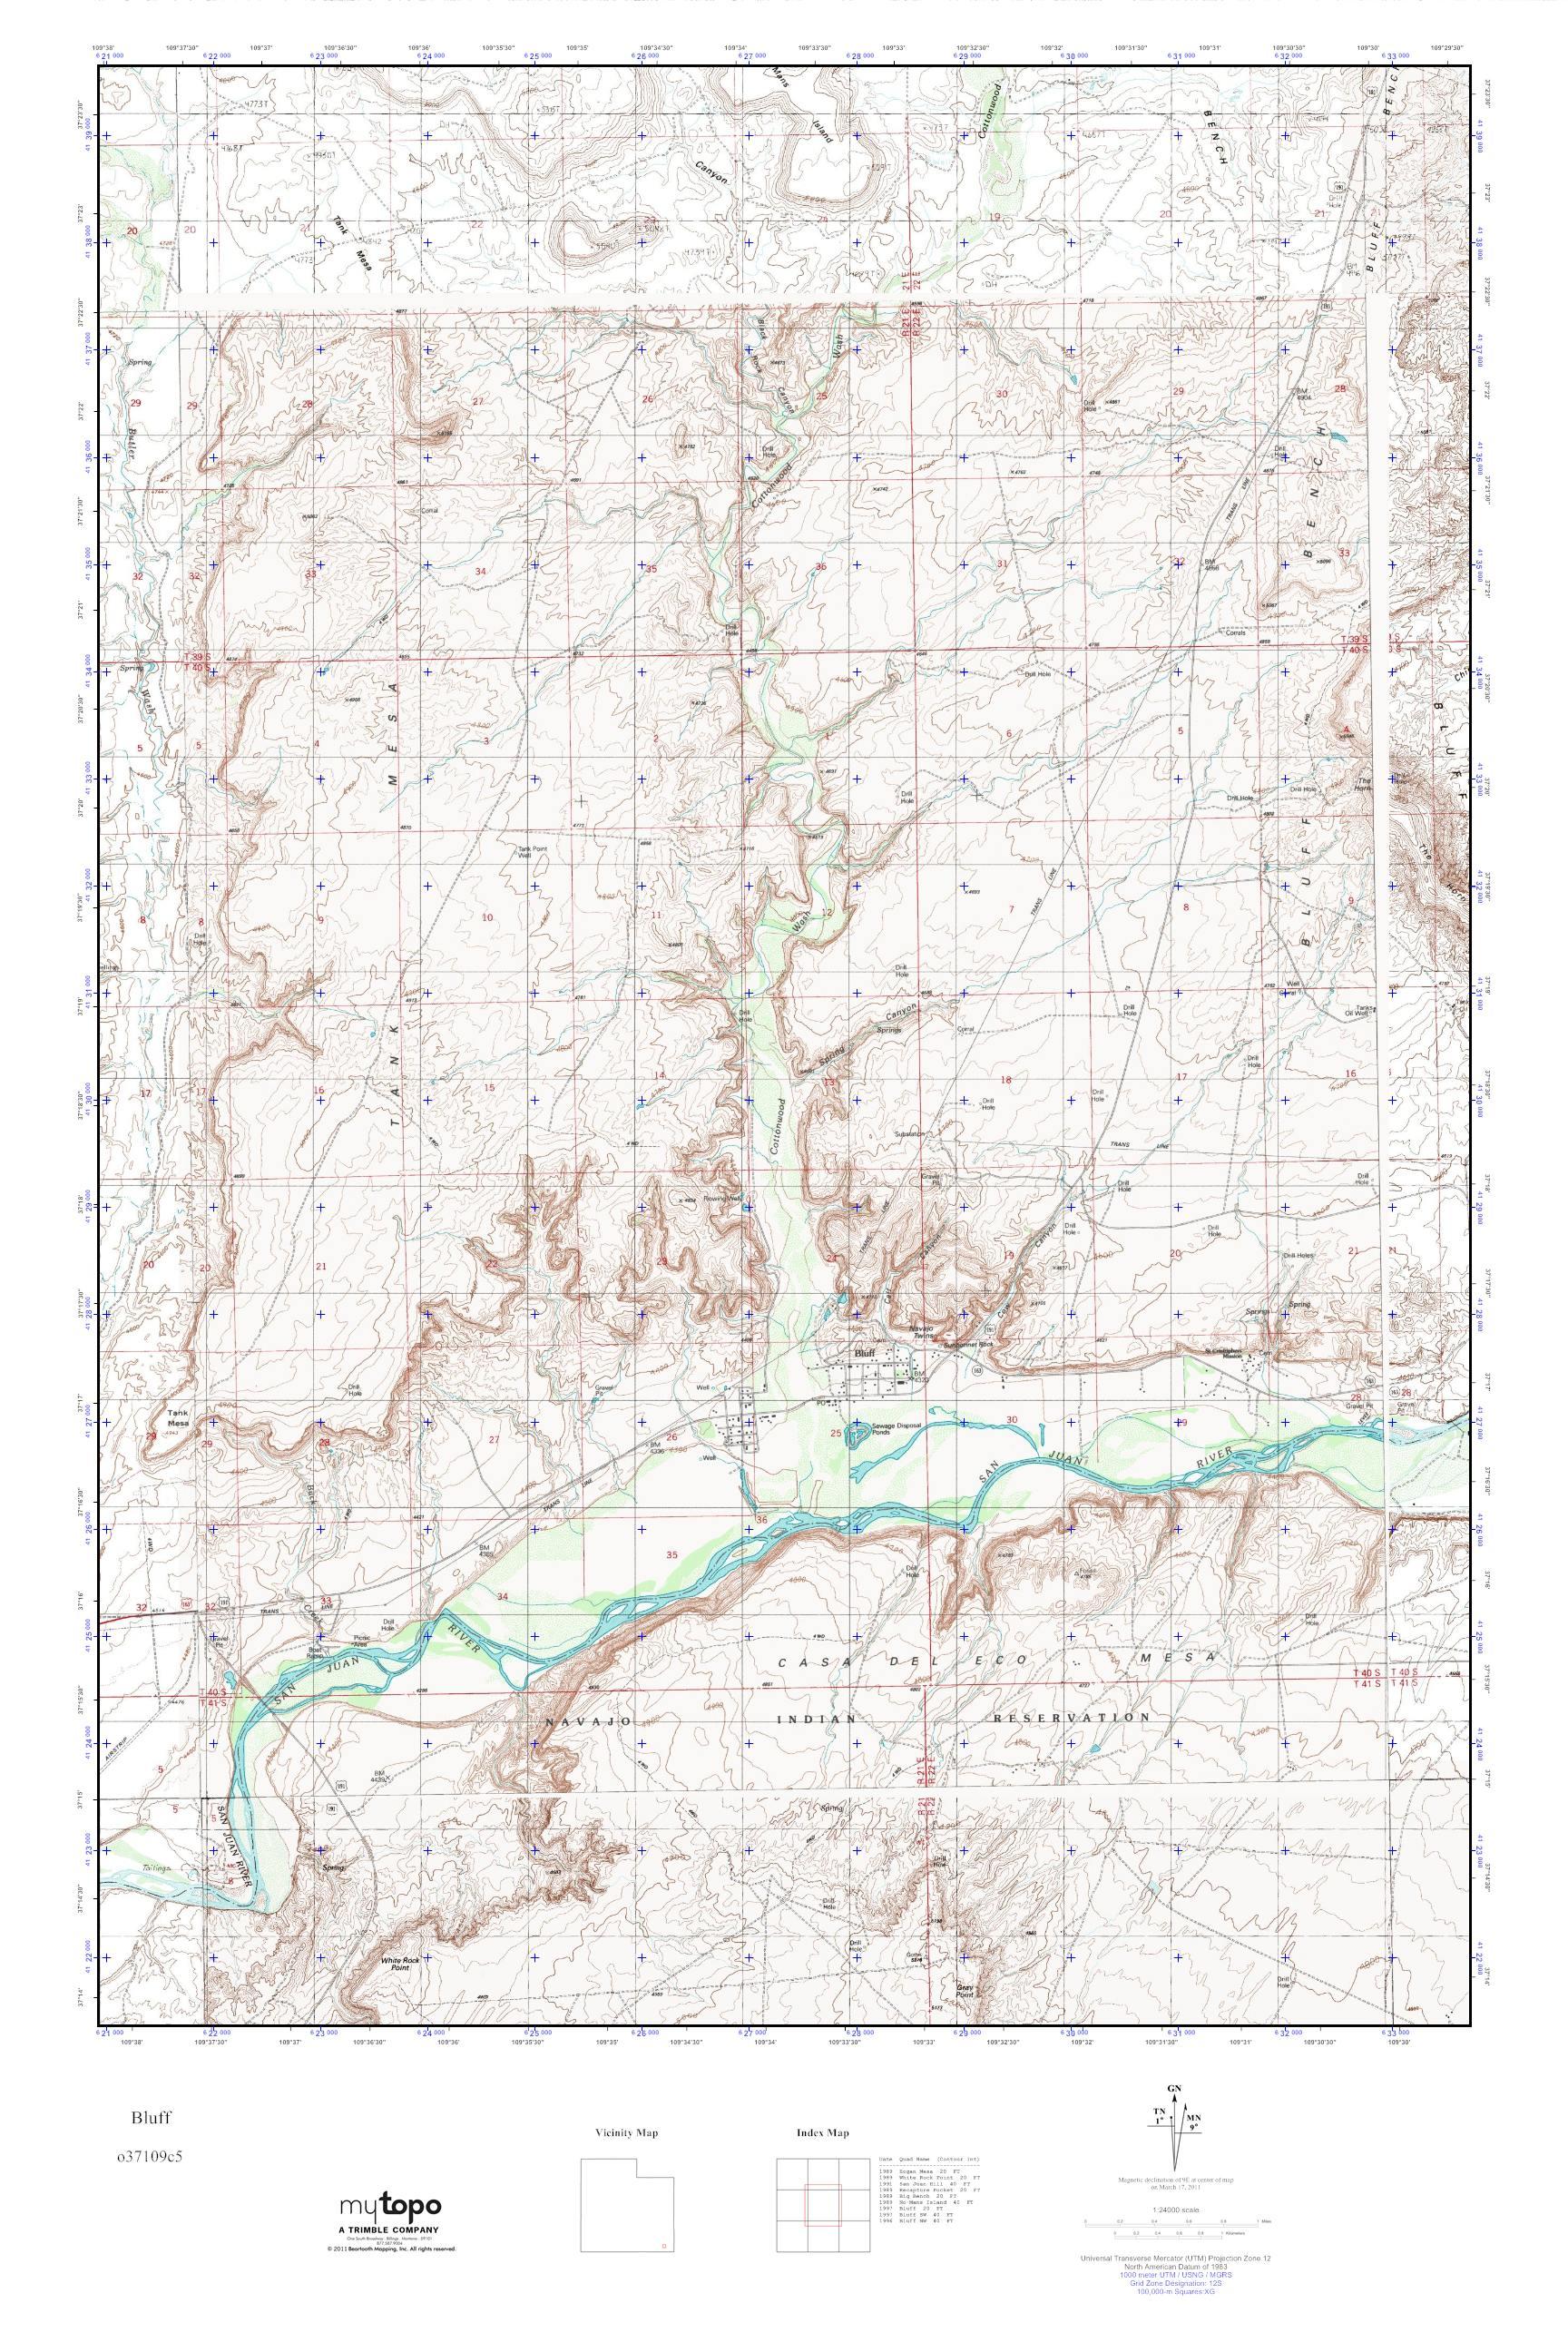 MyTopo Bluff, Utah USGS Quad Topo Map